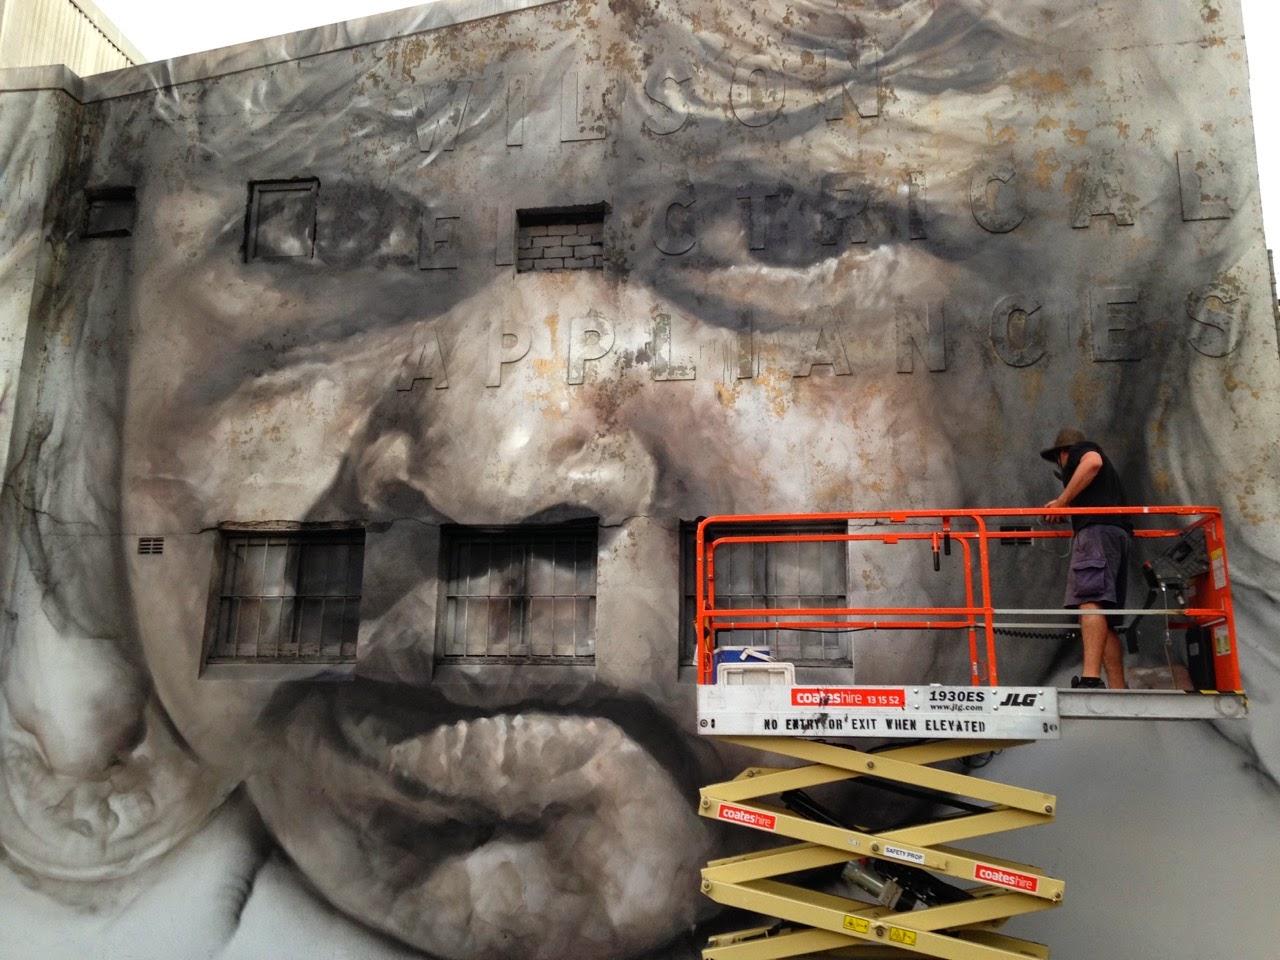 Guido Van Helten unveils a new portrait in Redfern, Australia (2)